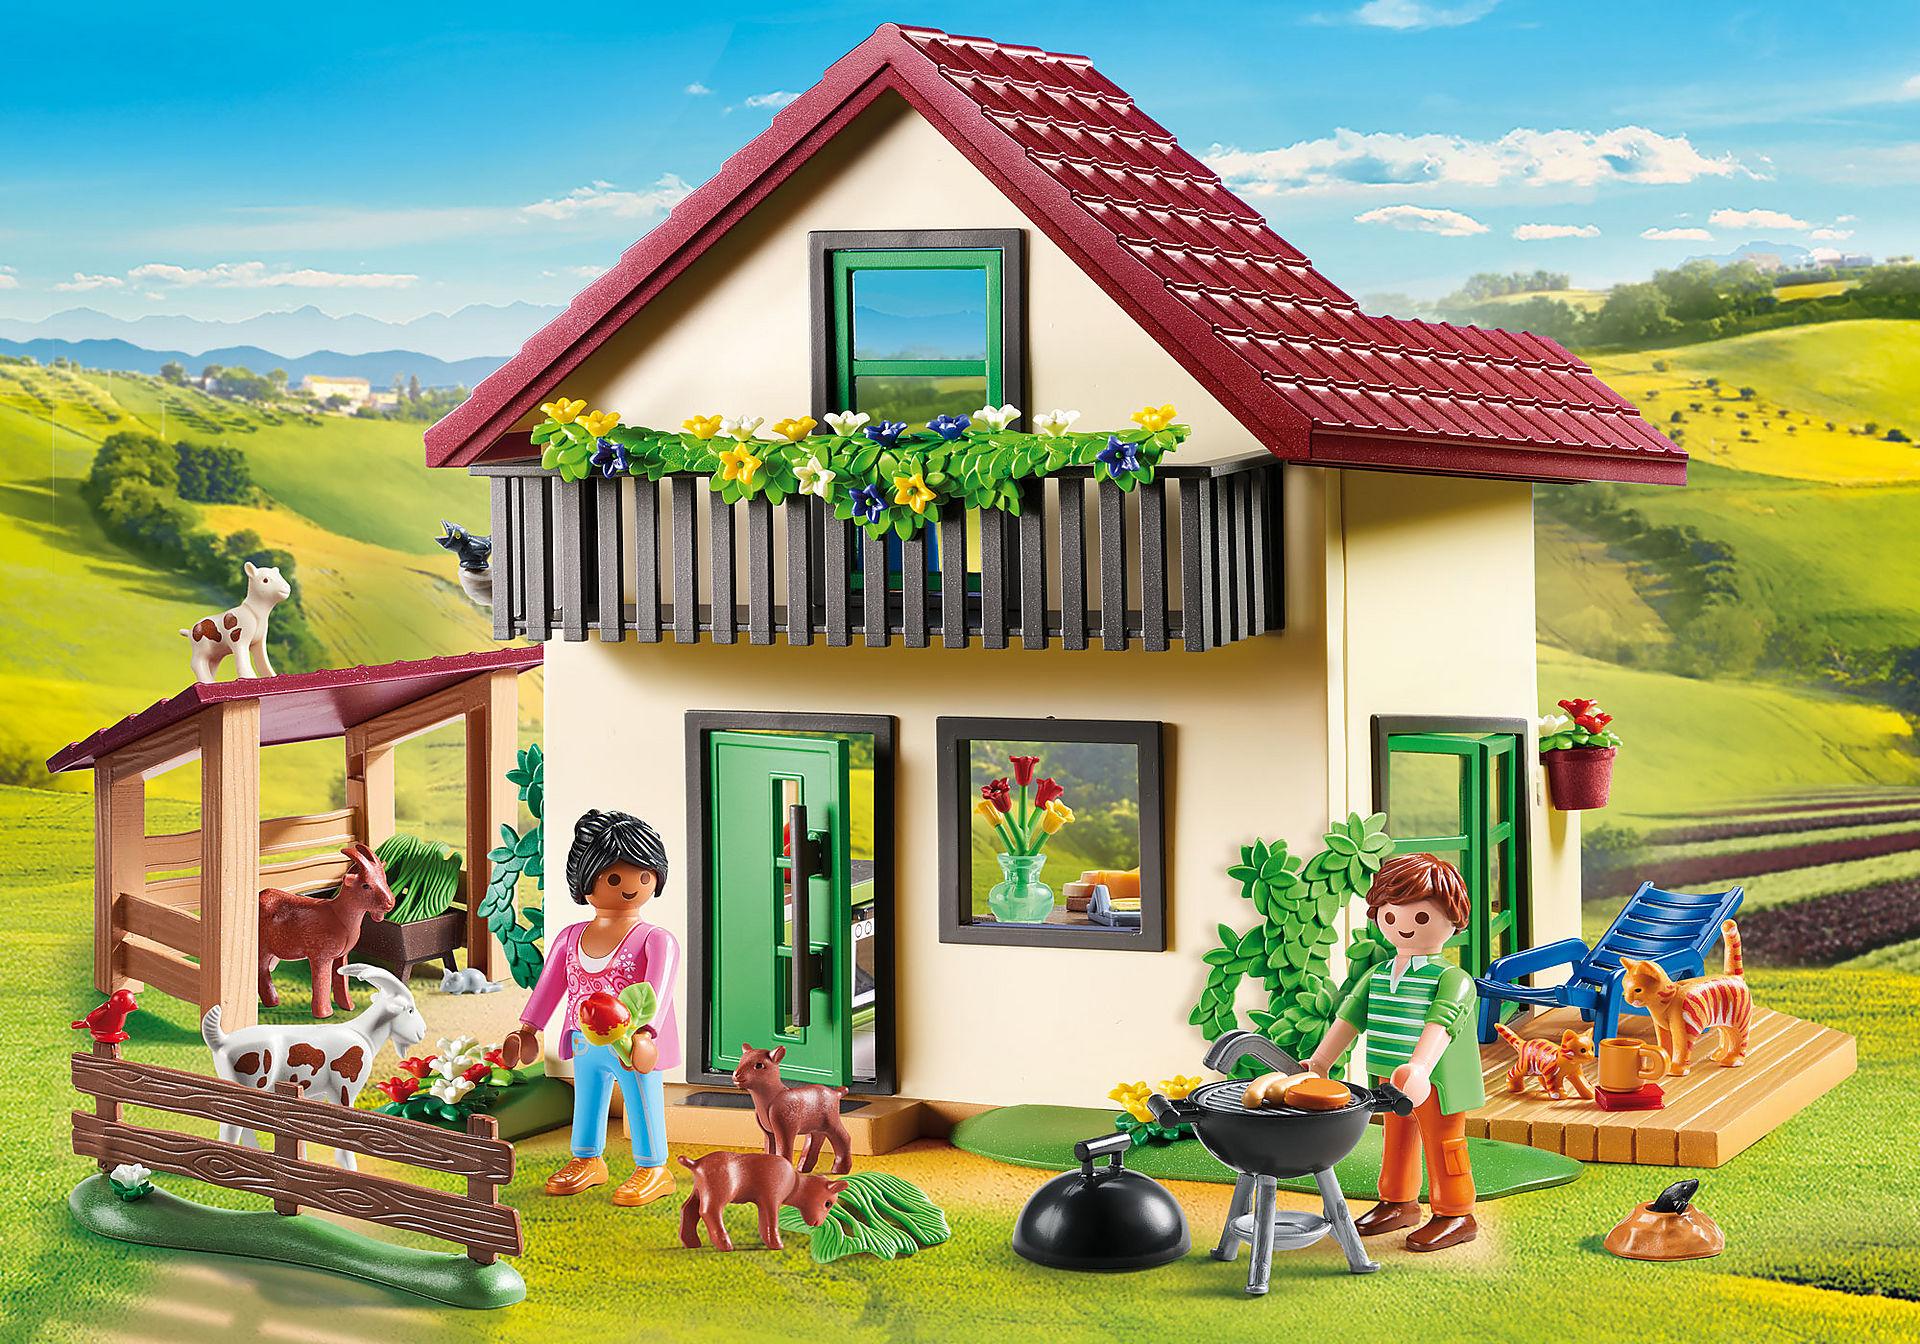 70133 Bauernhaus zoom image1